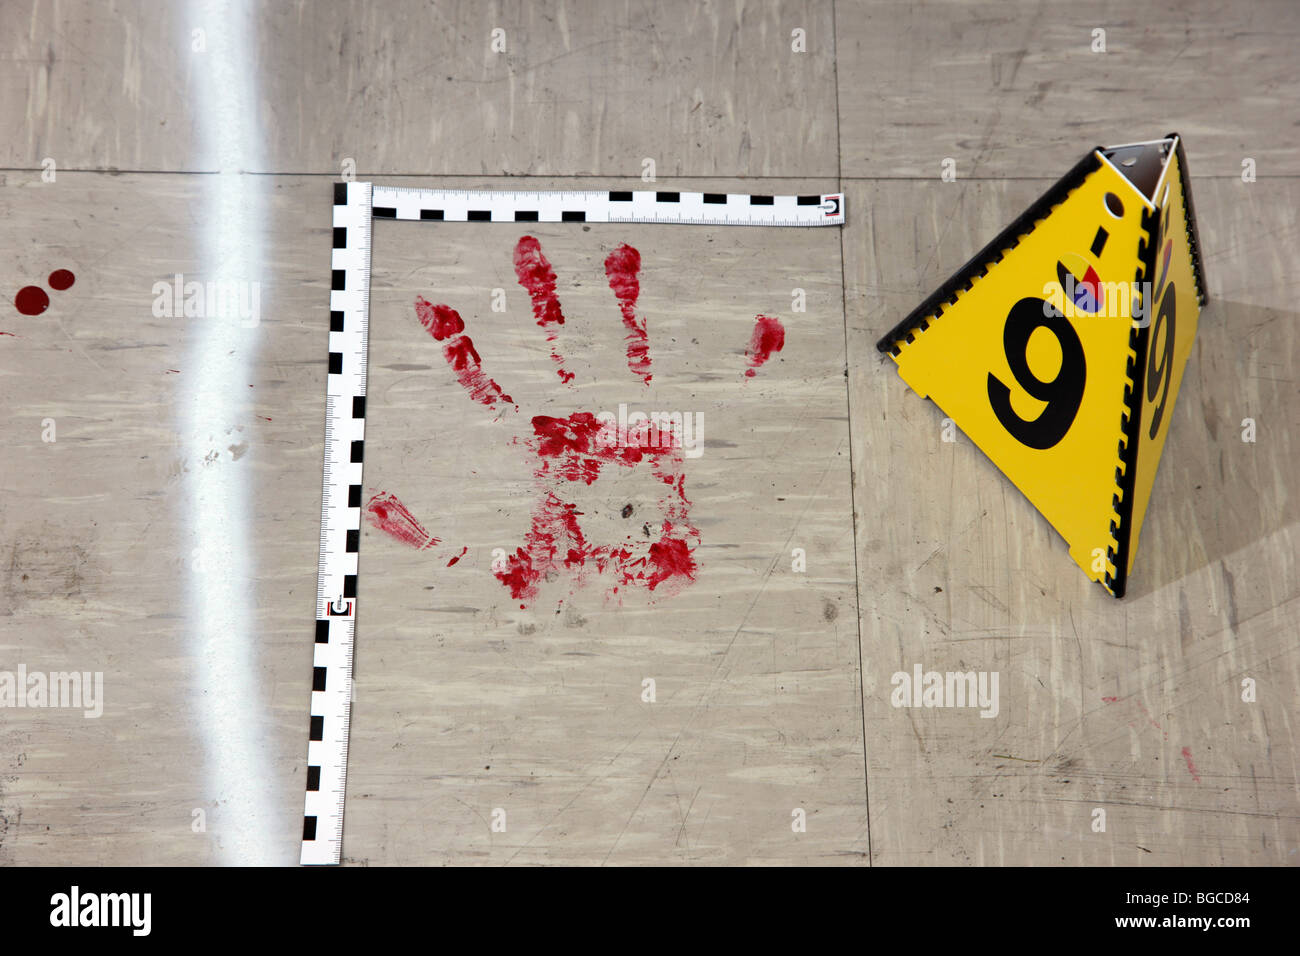 Den Tätern, forensische Personen am Tatort eines Mordes. Polizeiarbeit, Erhaltung der Beweise. Stockbild